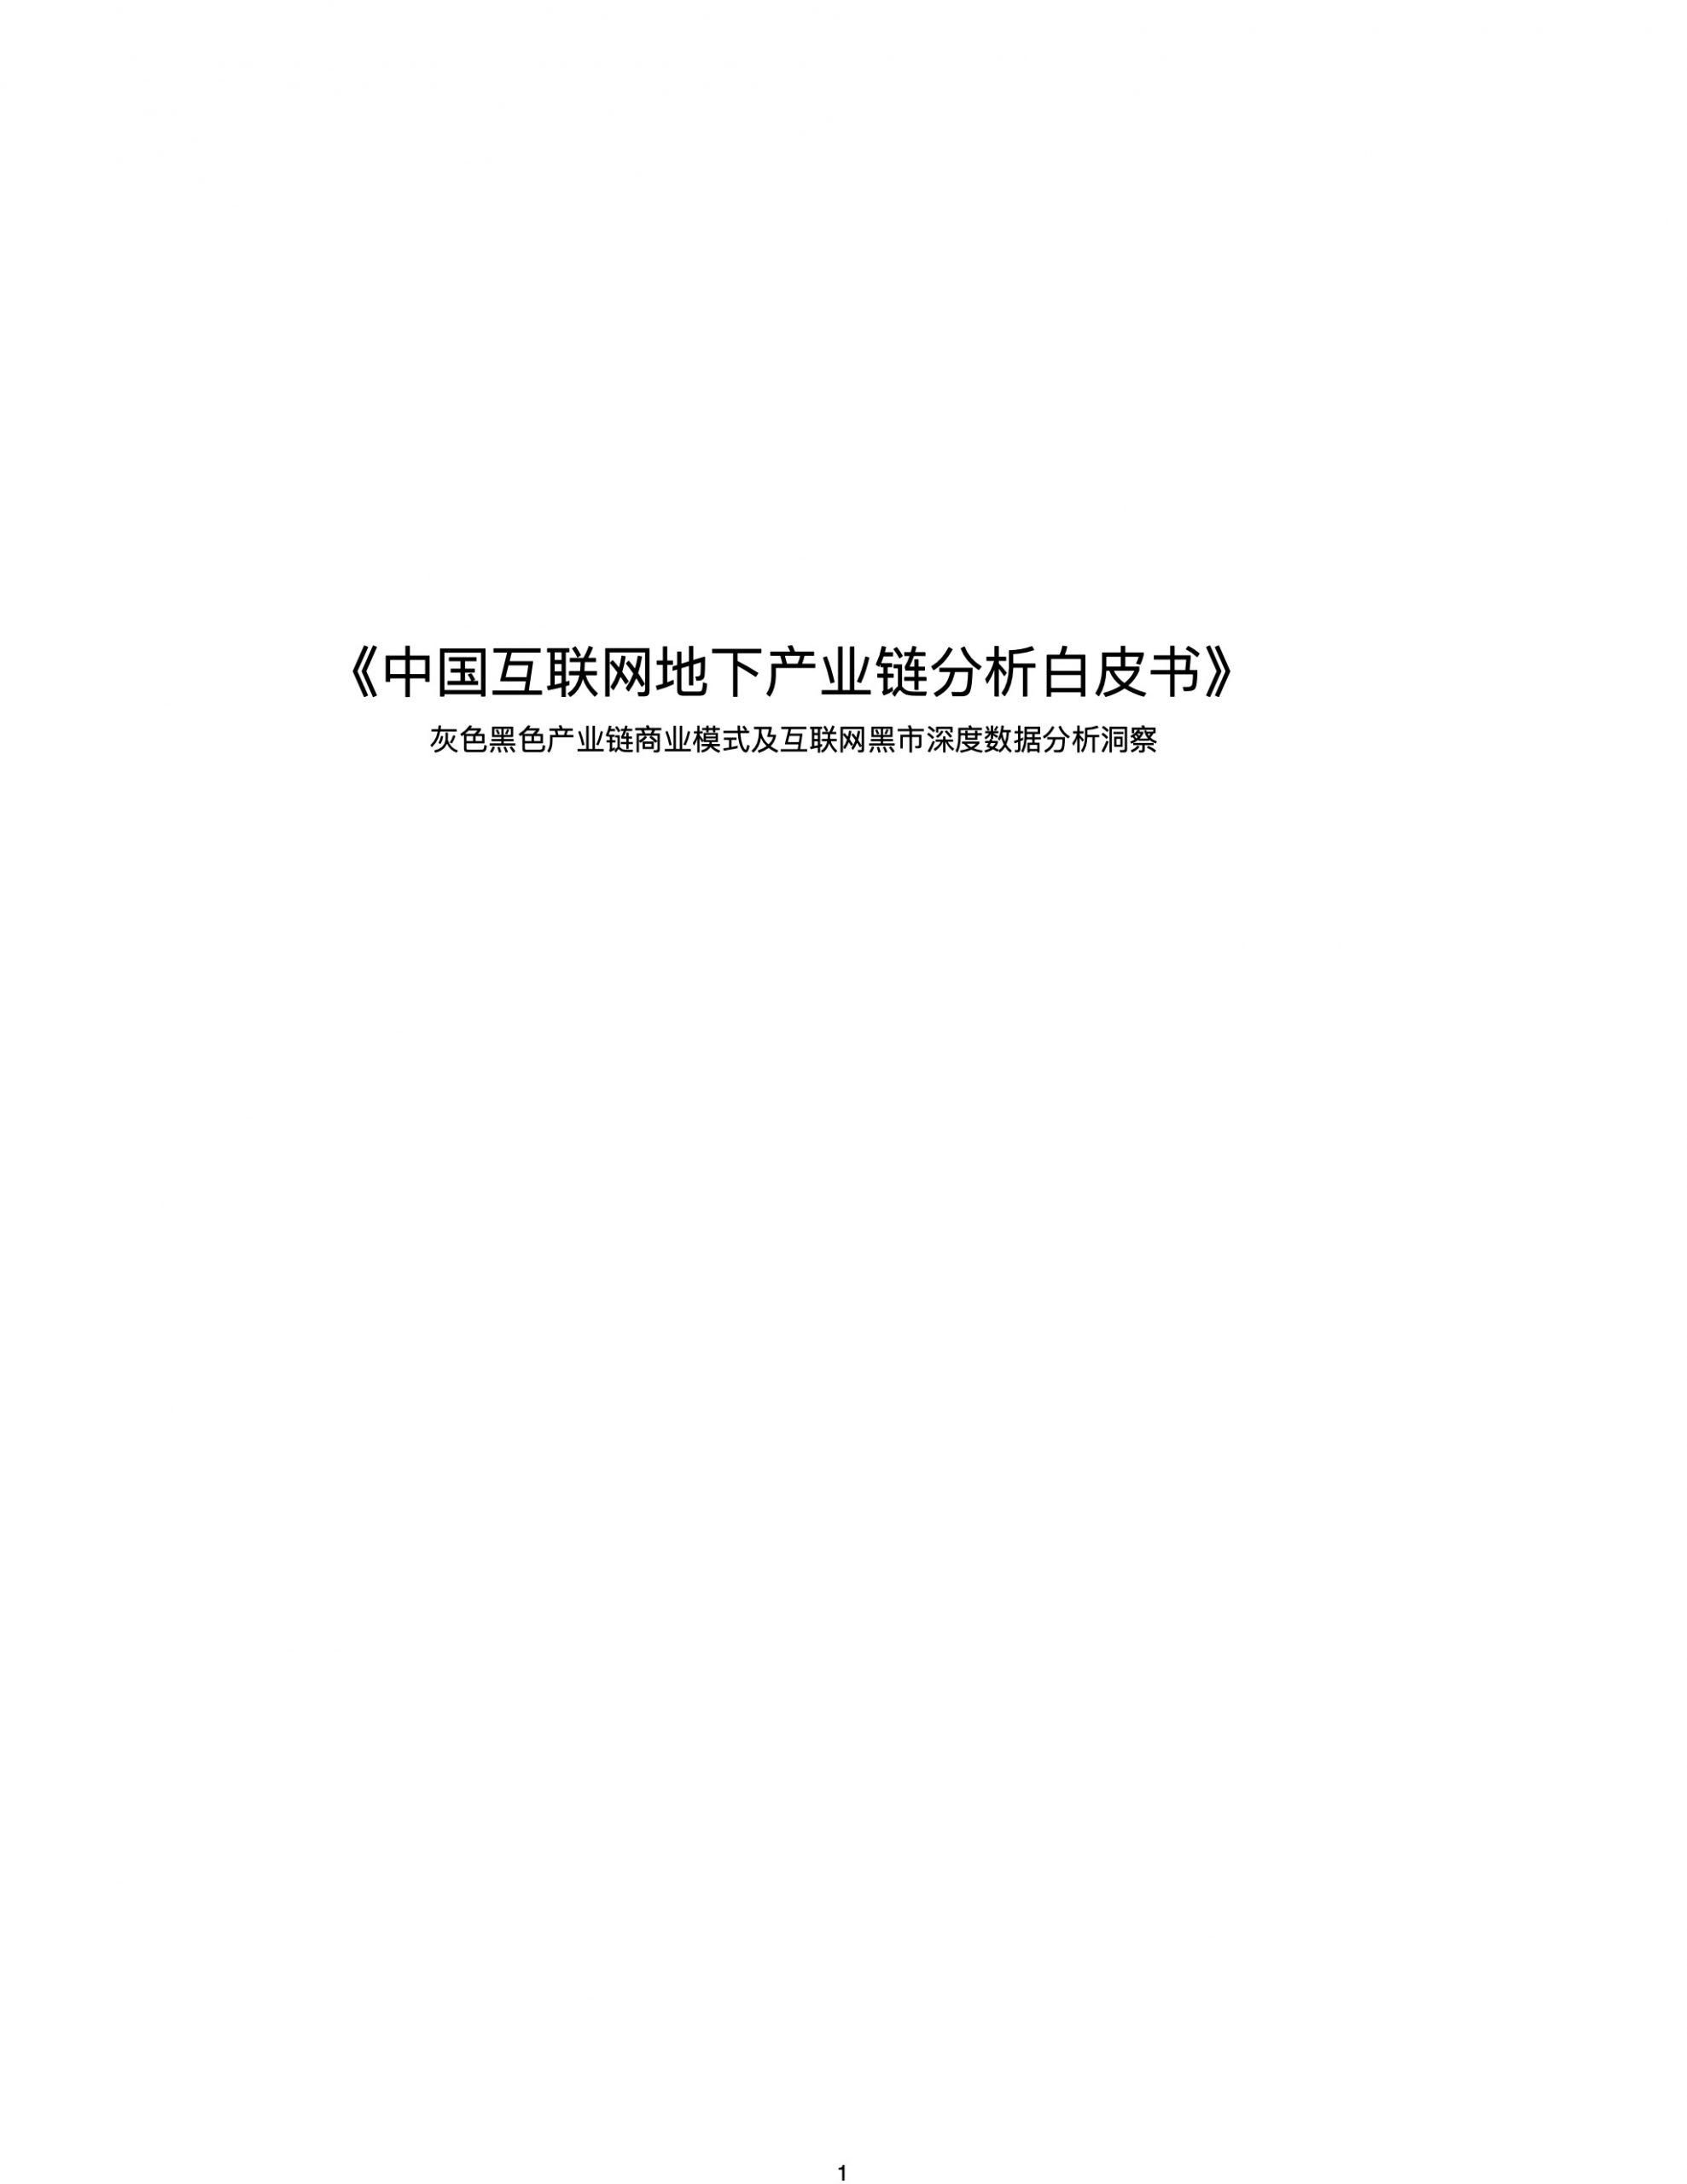 中国互联网地下产业链分析白皮书